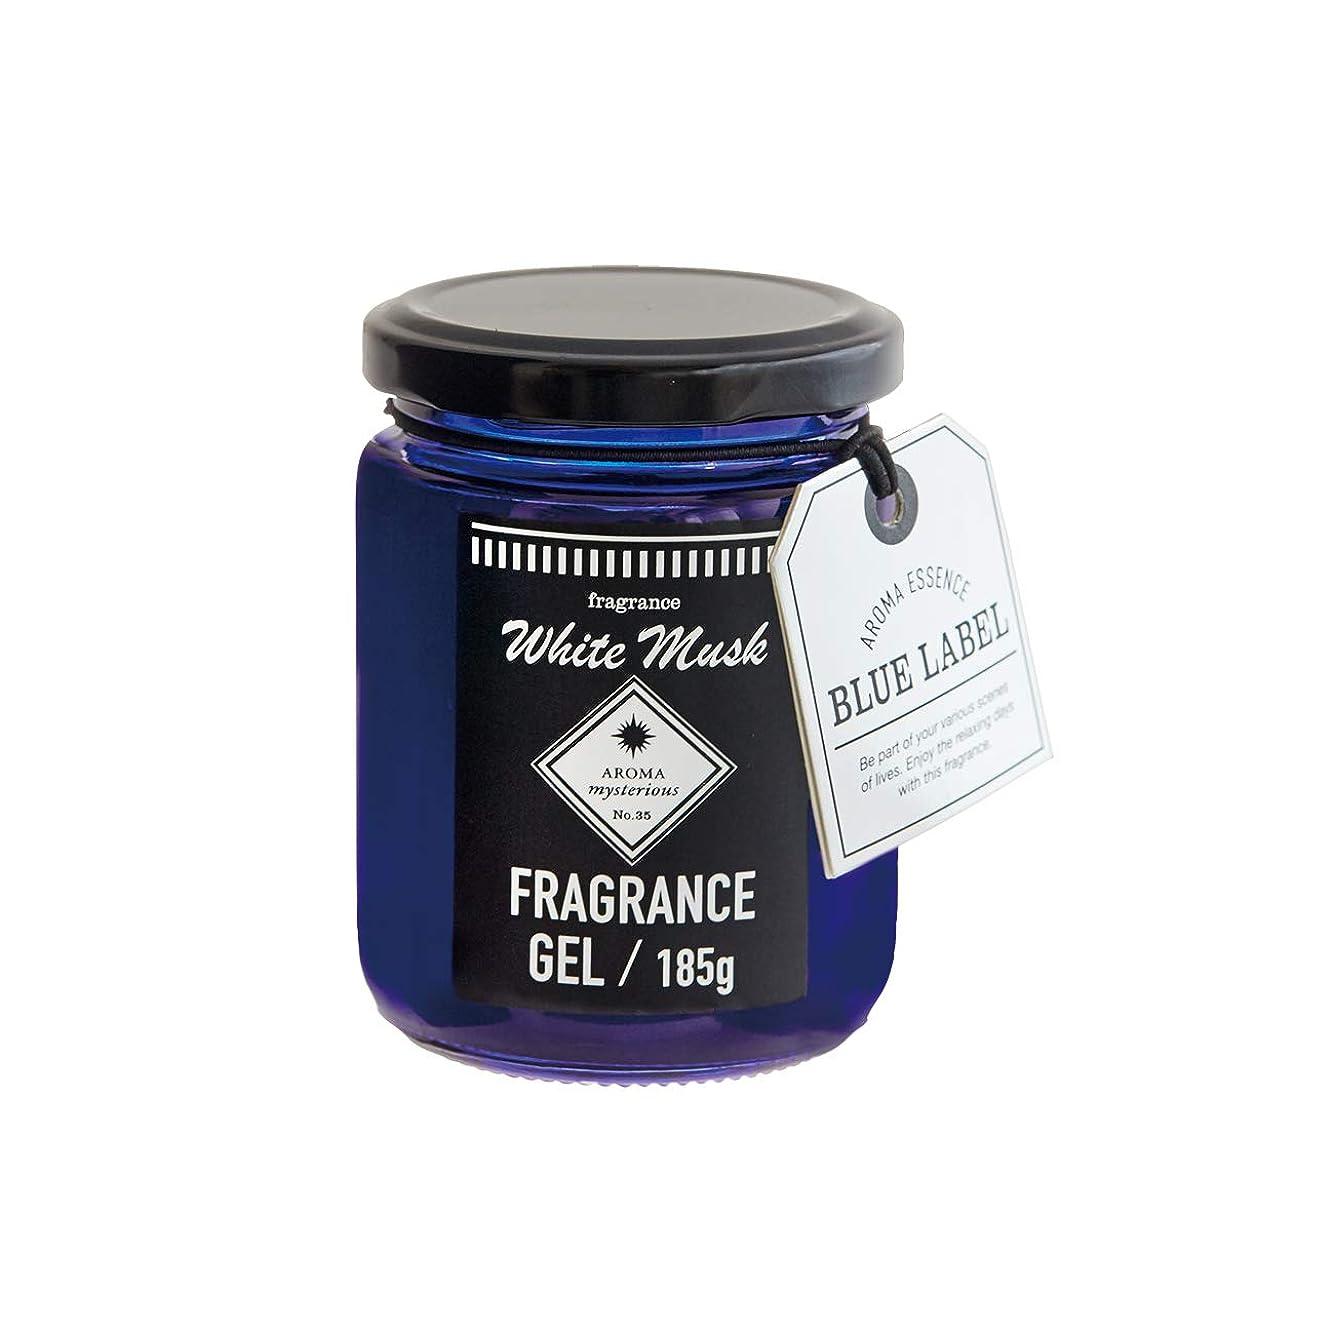 とにかく火薬基本的なブルーラベル ブルー ファブリック&ルームミスト285mL ホワイトムスク(消臭除菌 日本製 誰もが好む香り)